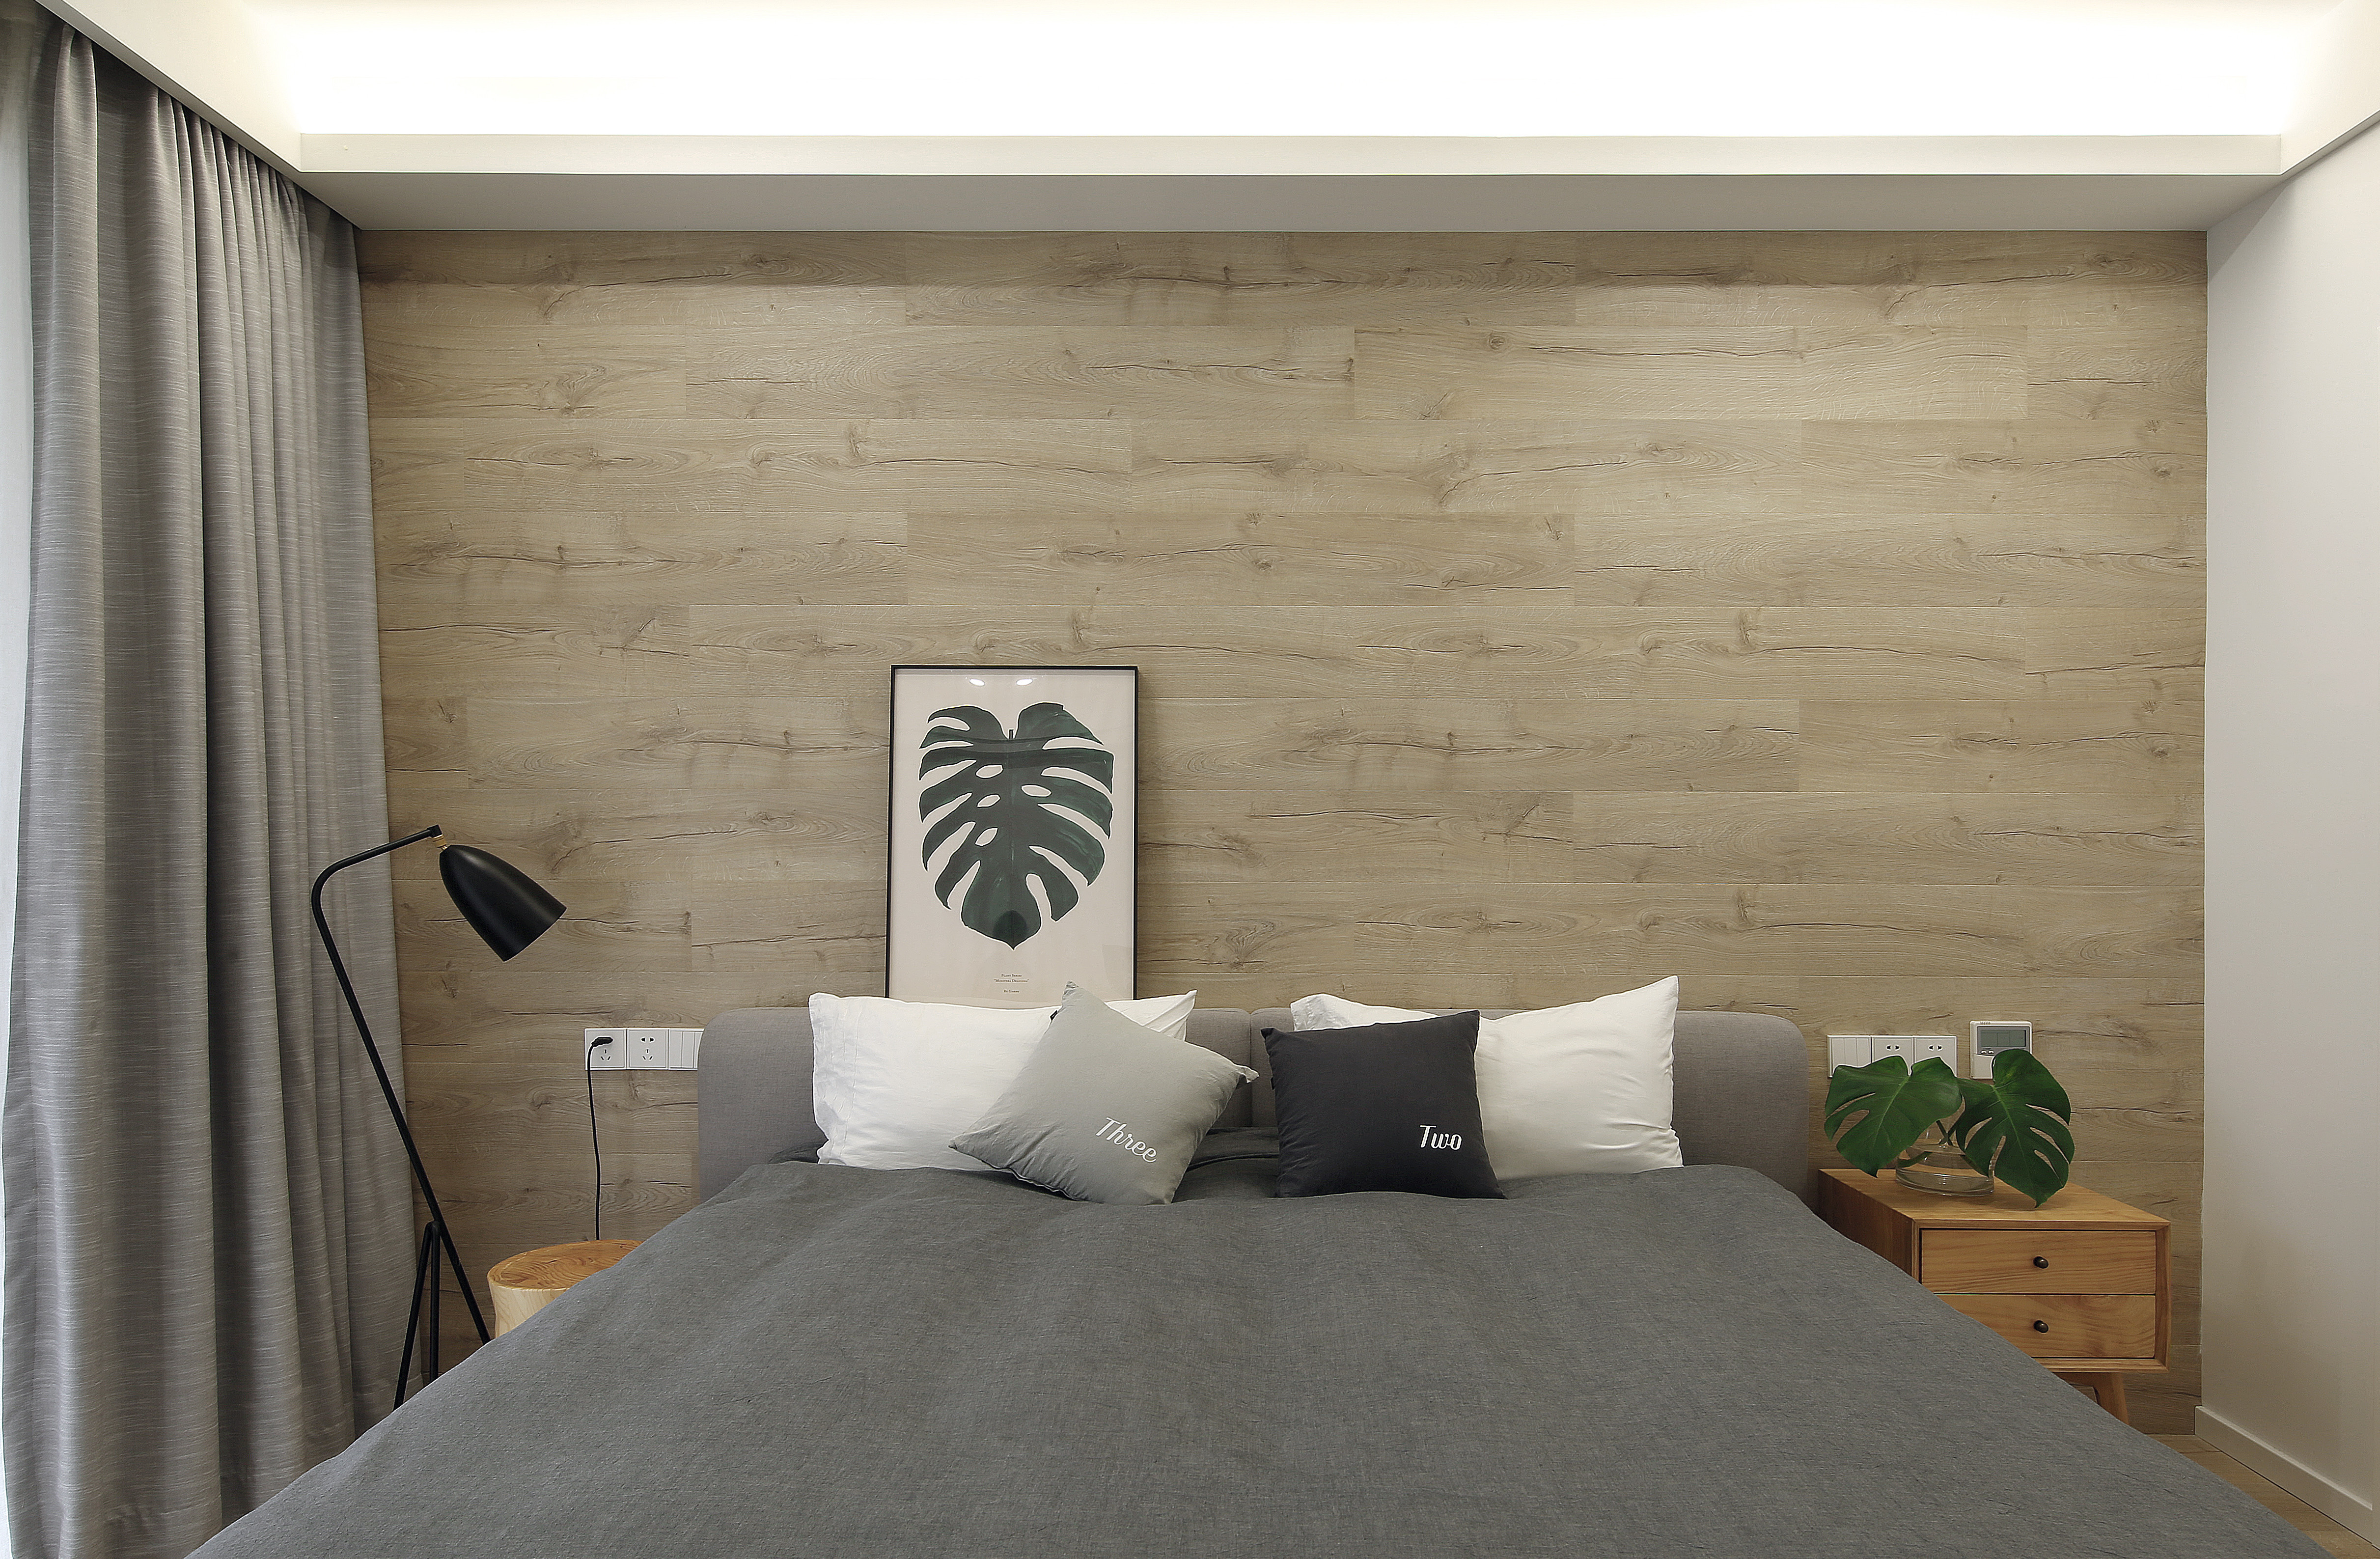 北欧复式装修床头墙设计